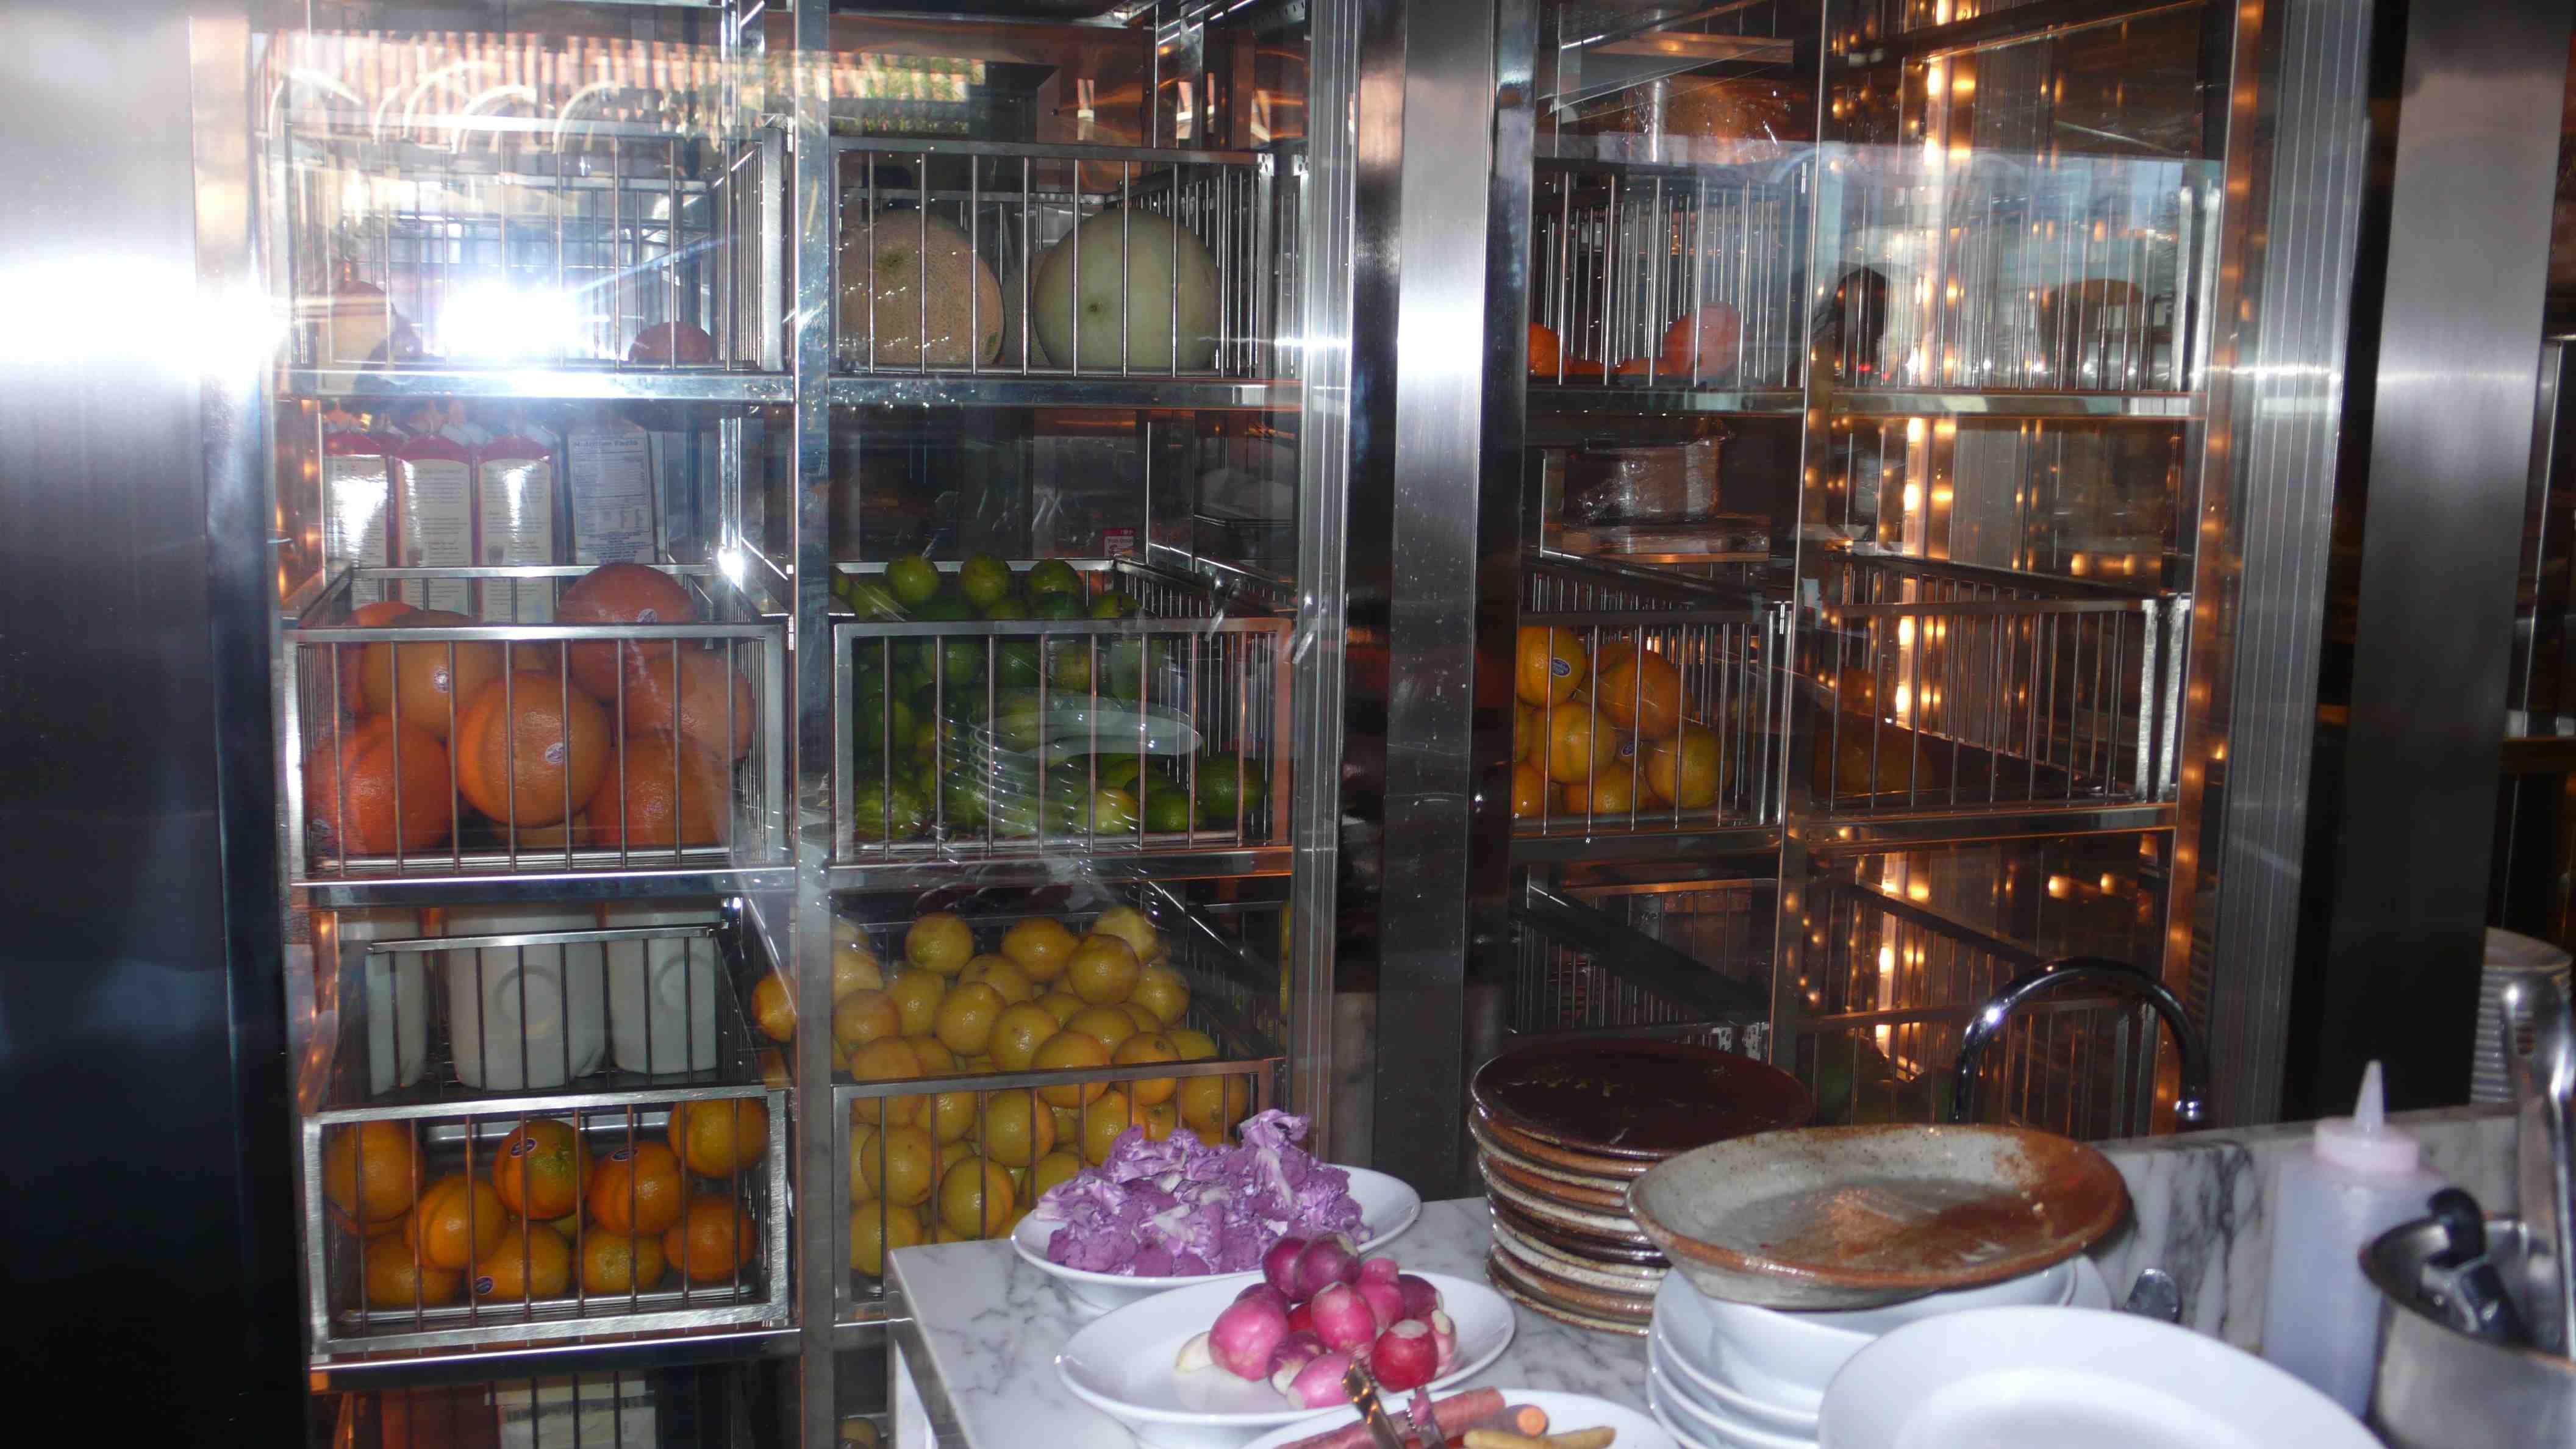 Veggies in open fridge